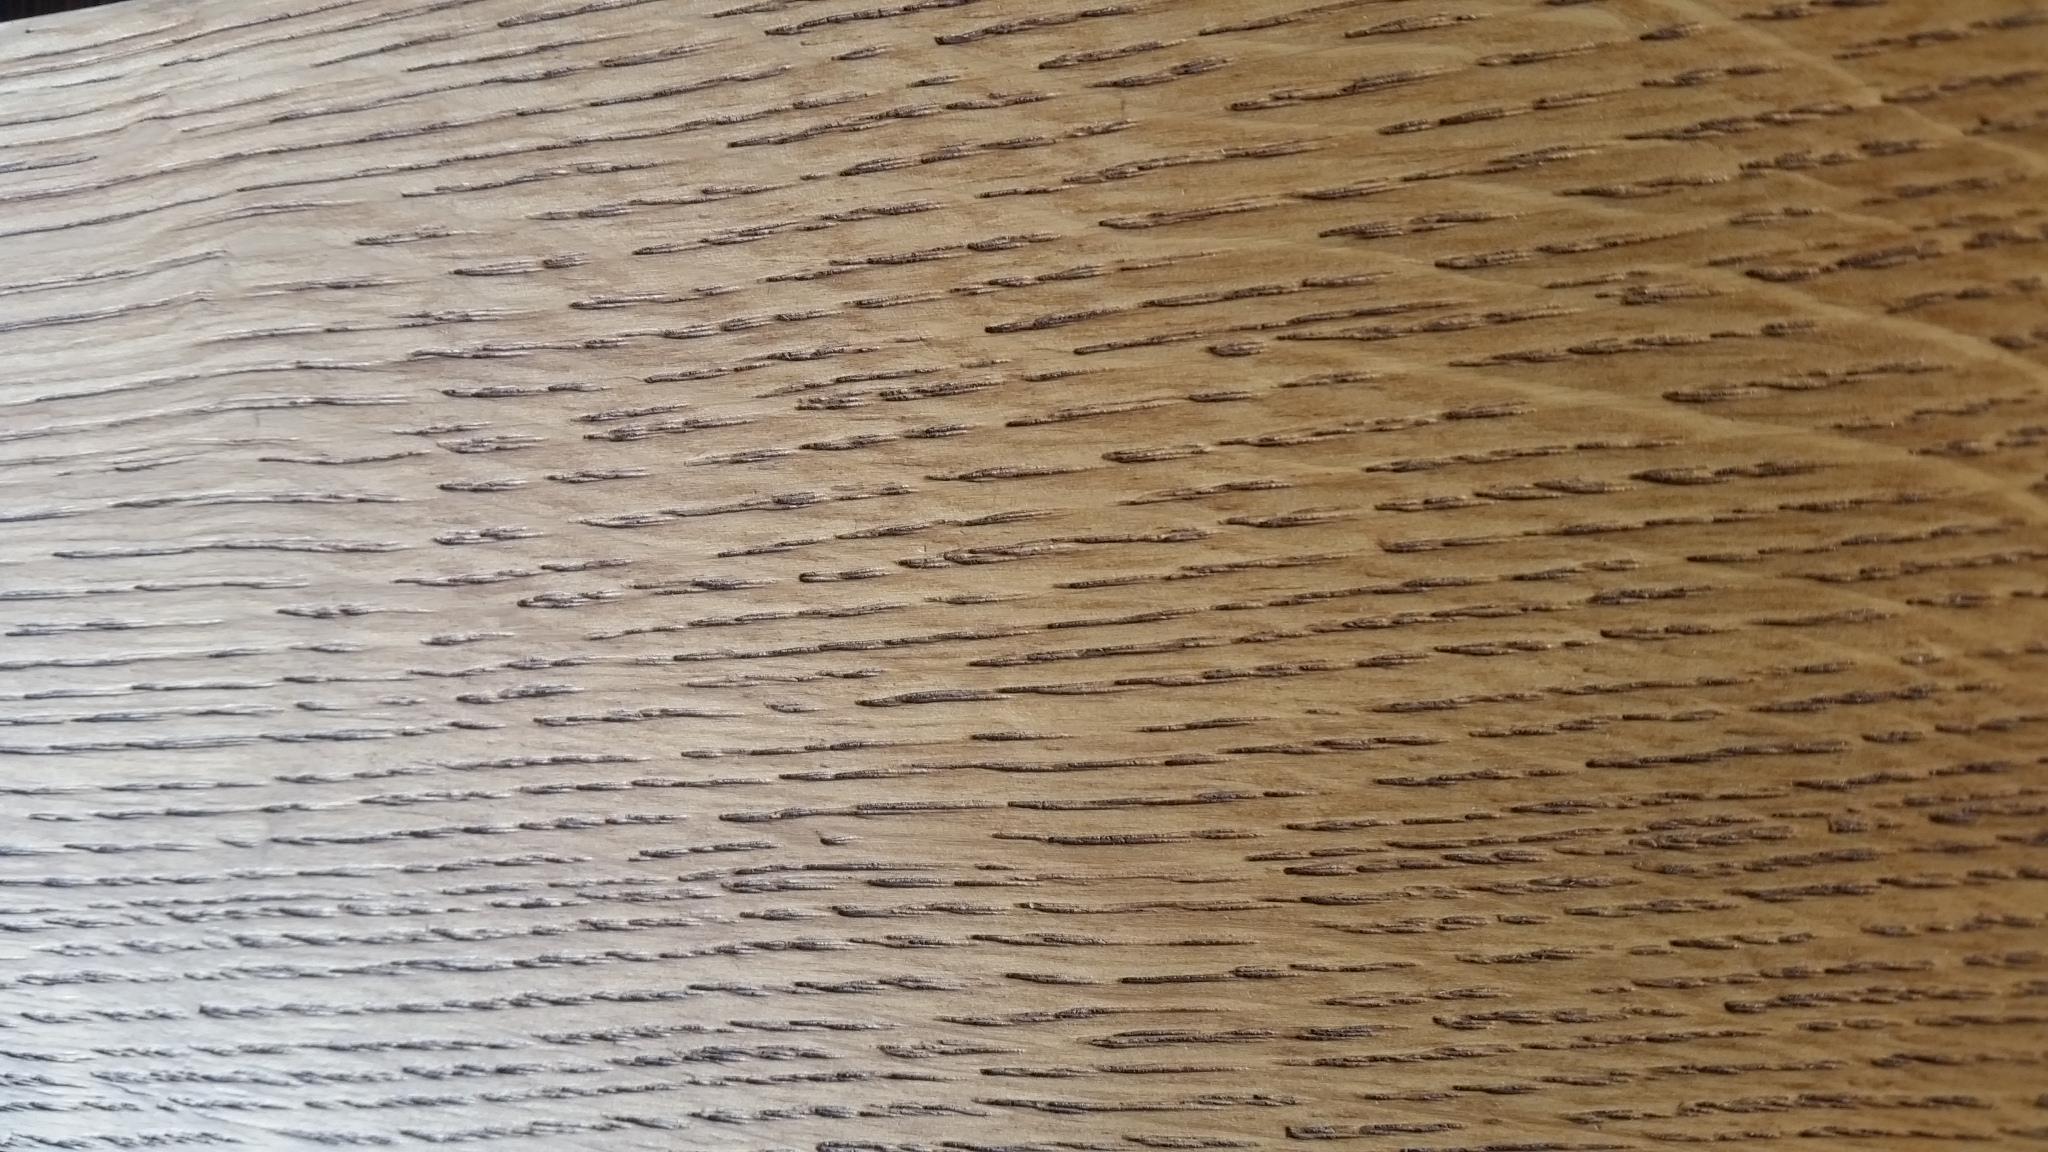 Saicos õlitoonid | 3081 Pähkel transparentharjatud Walnut trensparentbrushed